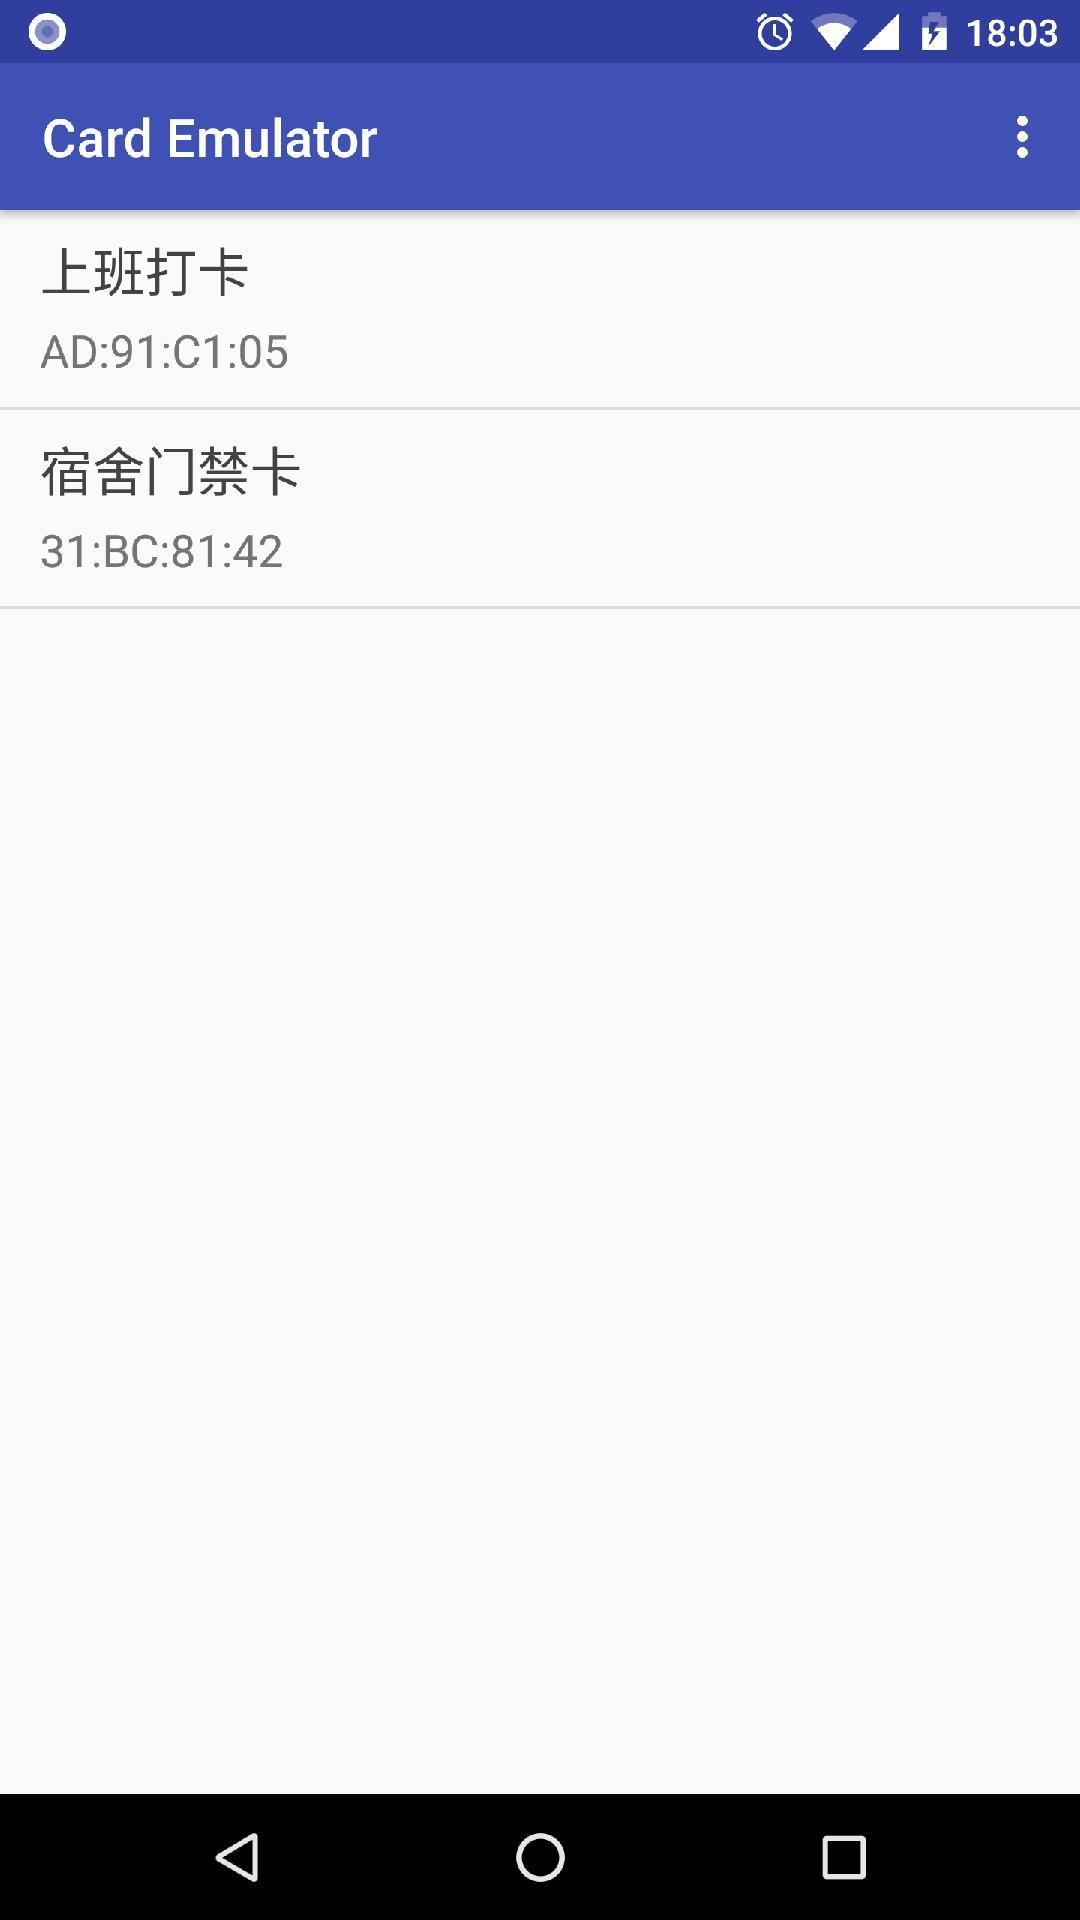 NFC卡模拟官方客户端 v6.0.2截图